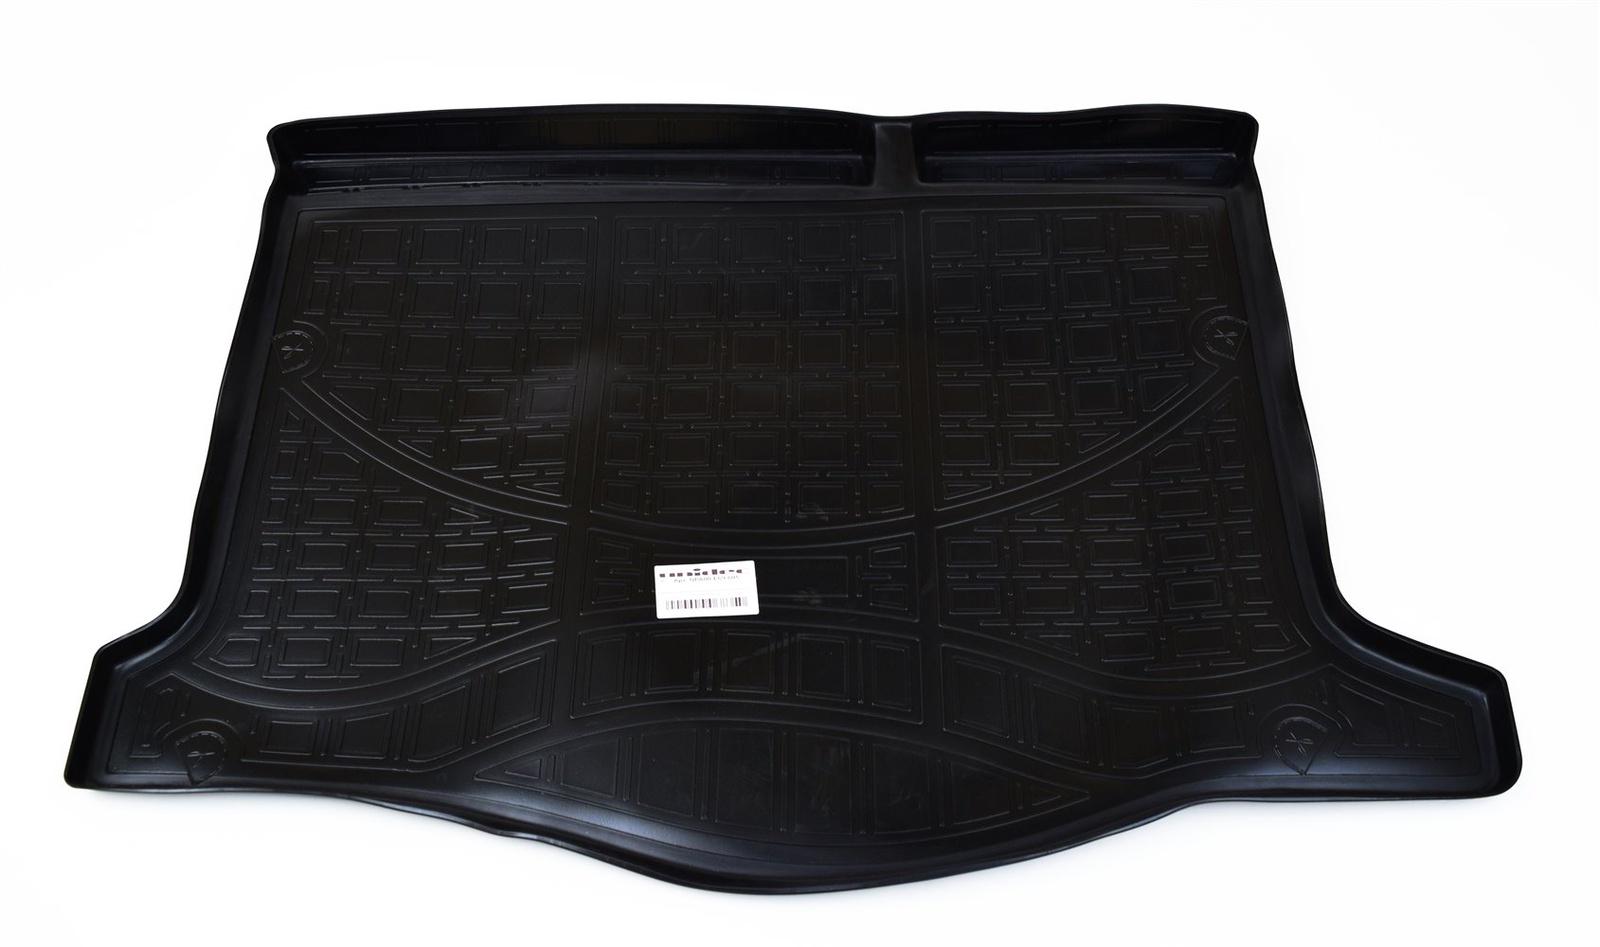 лучшая цена Коврик багажника Norplast для Kia cee'd/Kia pro cee'd jd hb 2012, npa00-e43-050, черный